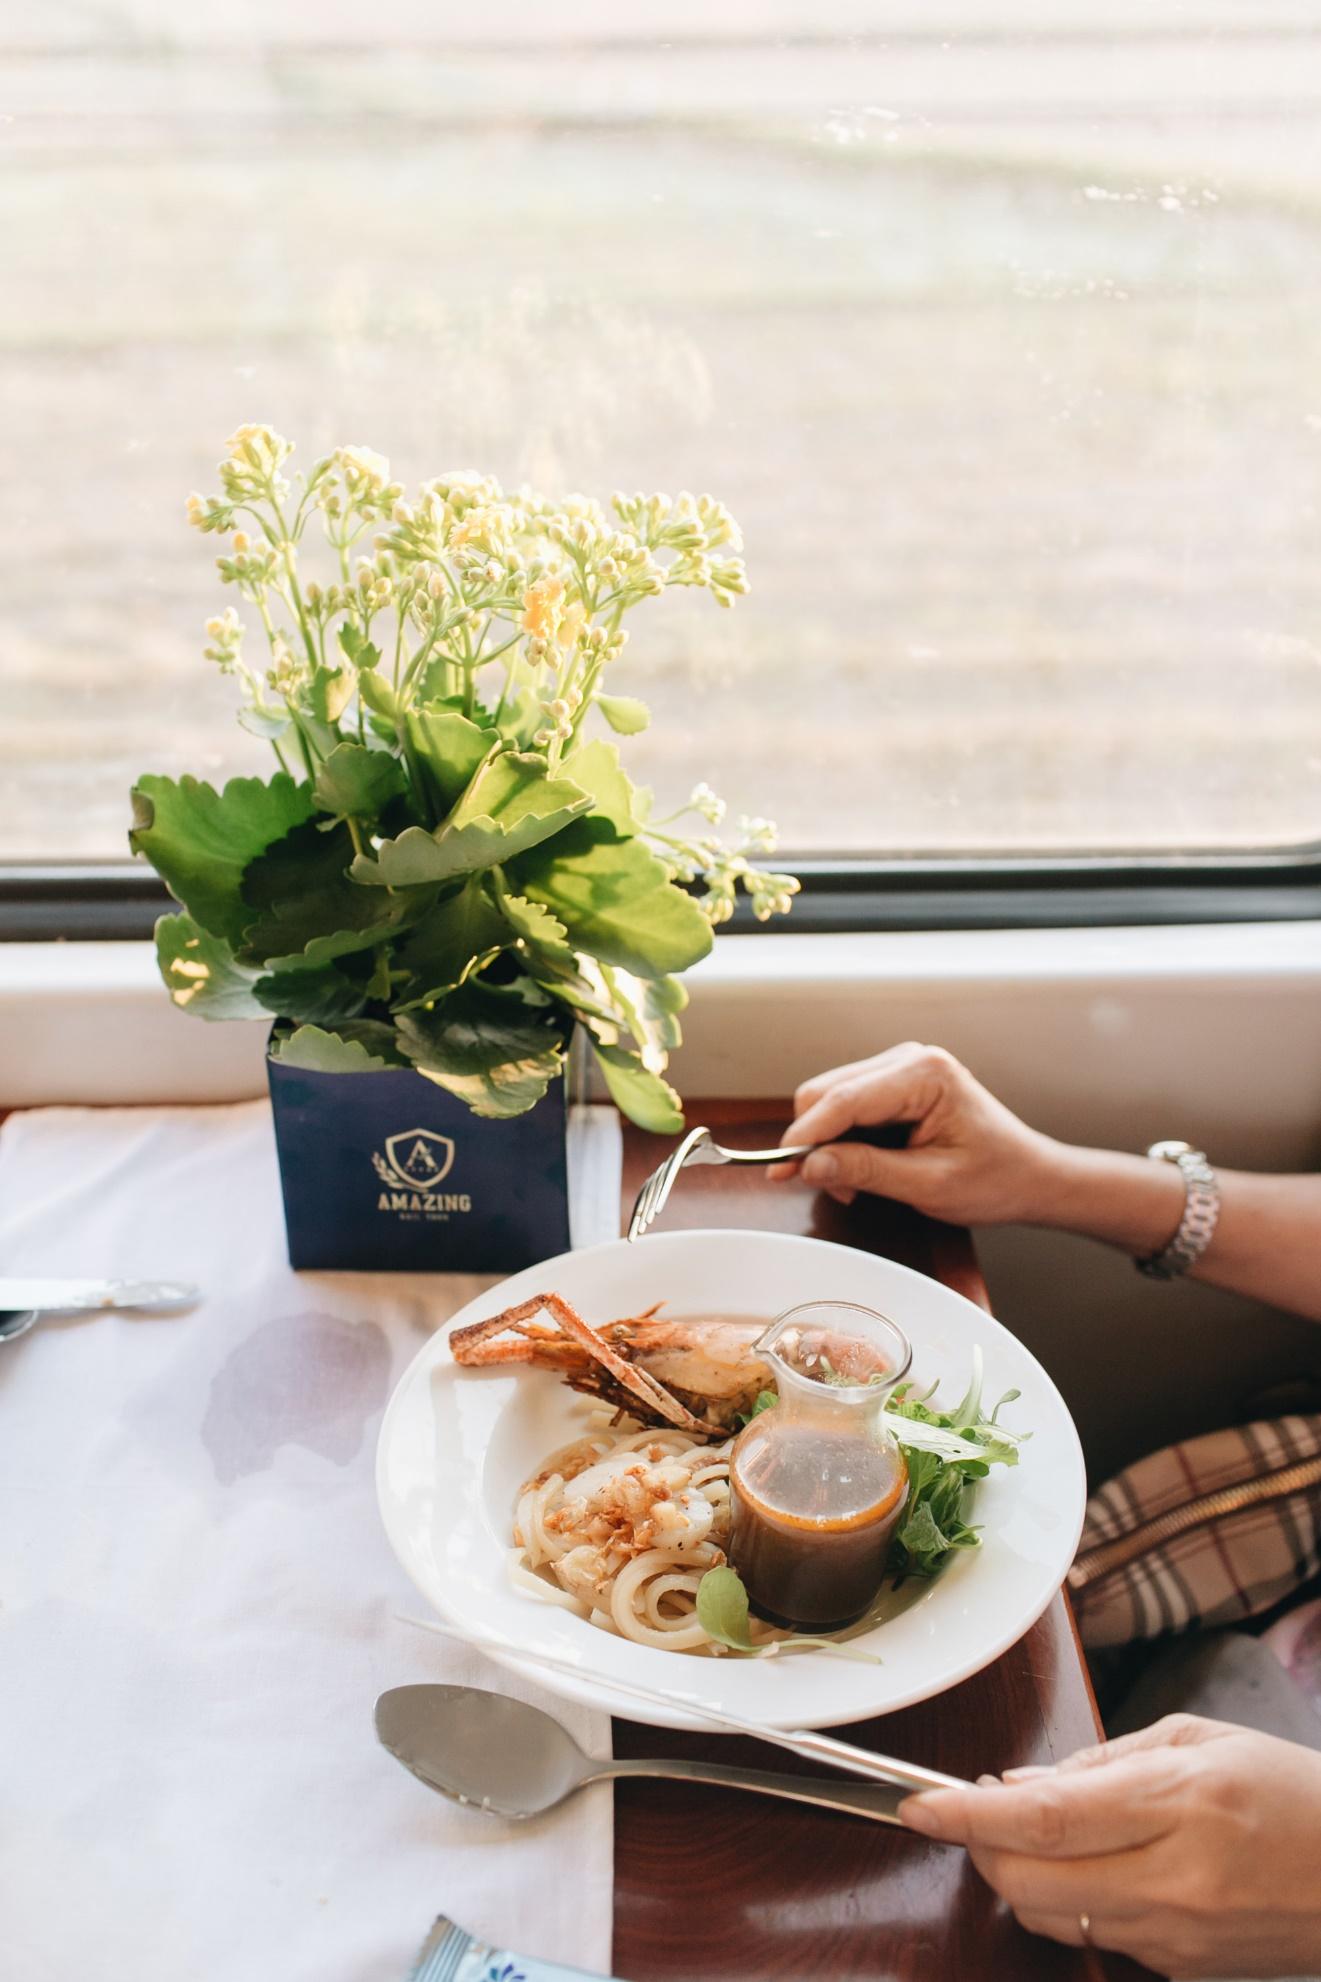 Chưa bao giờ lỗi thời! Du lịch bằng tàu hỏa là lựa chọn yêu thích của nhiều người trẻ ưa xê dịch - Ảnh 4.